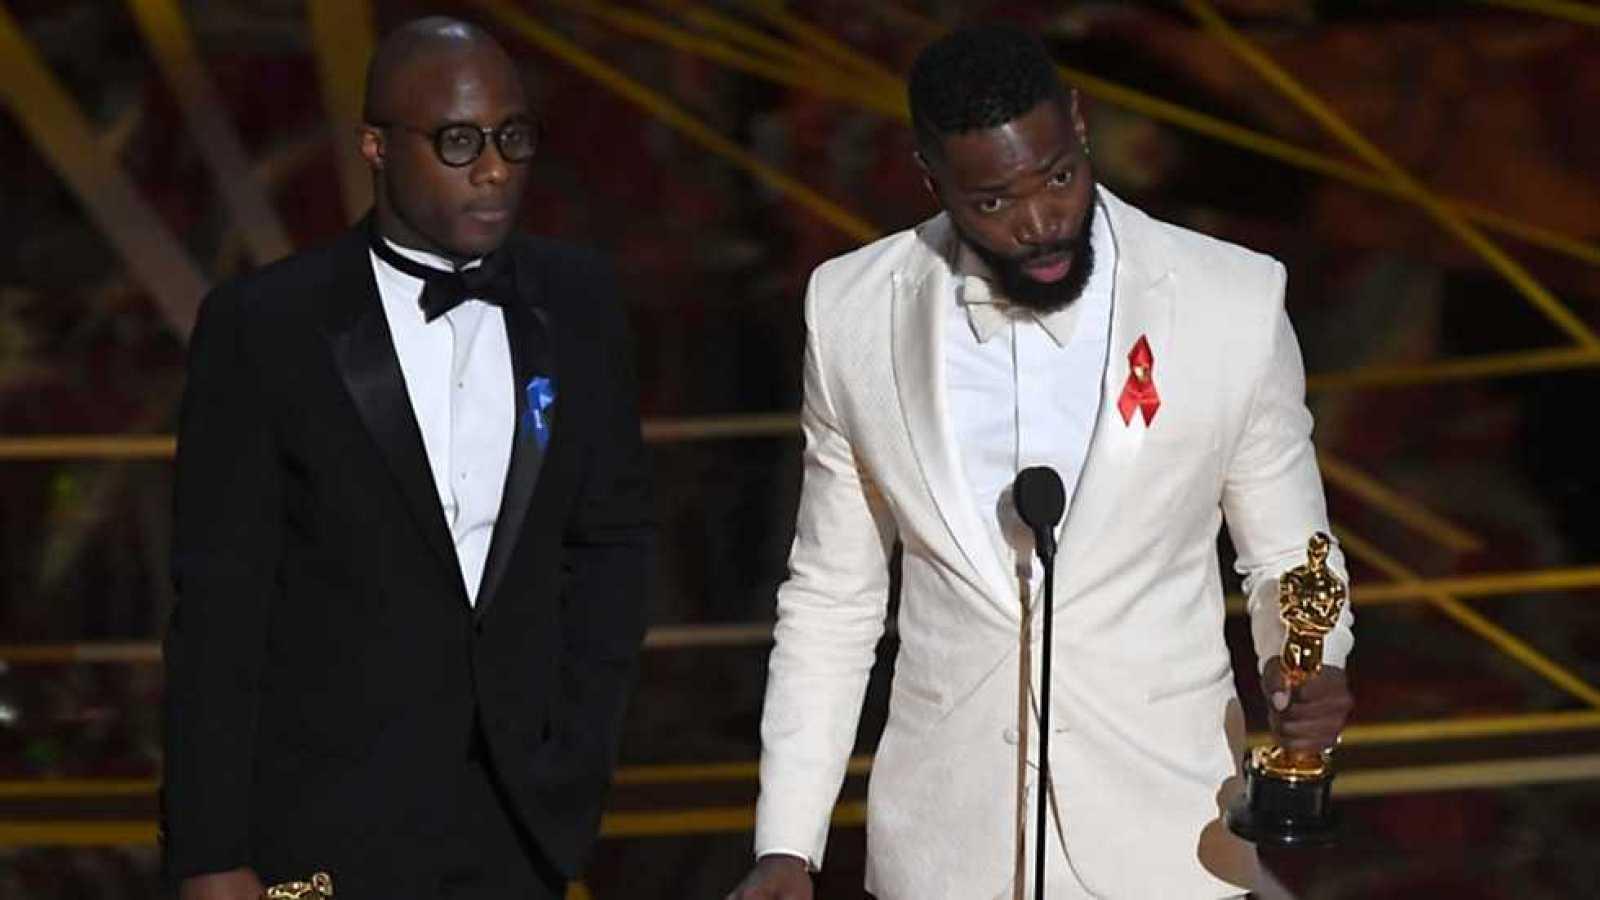 La noche de los Oscar 2017 (II) - ver ahora